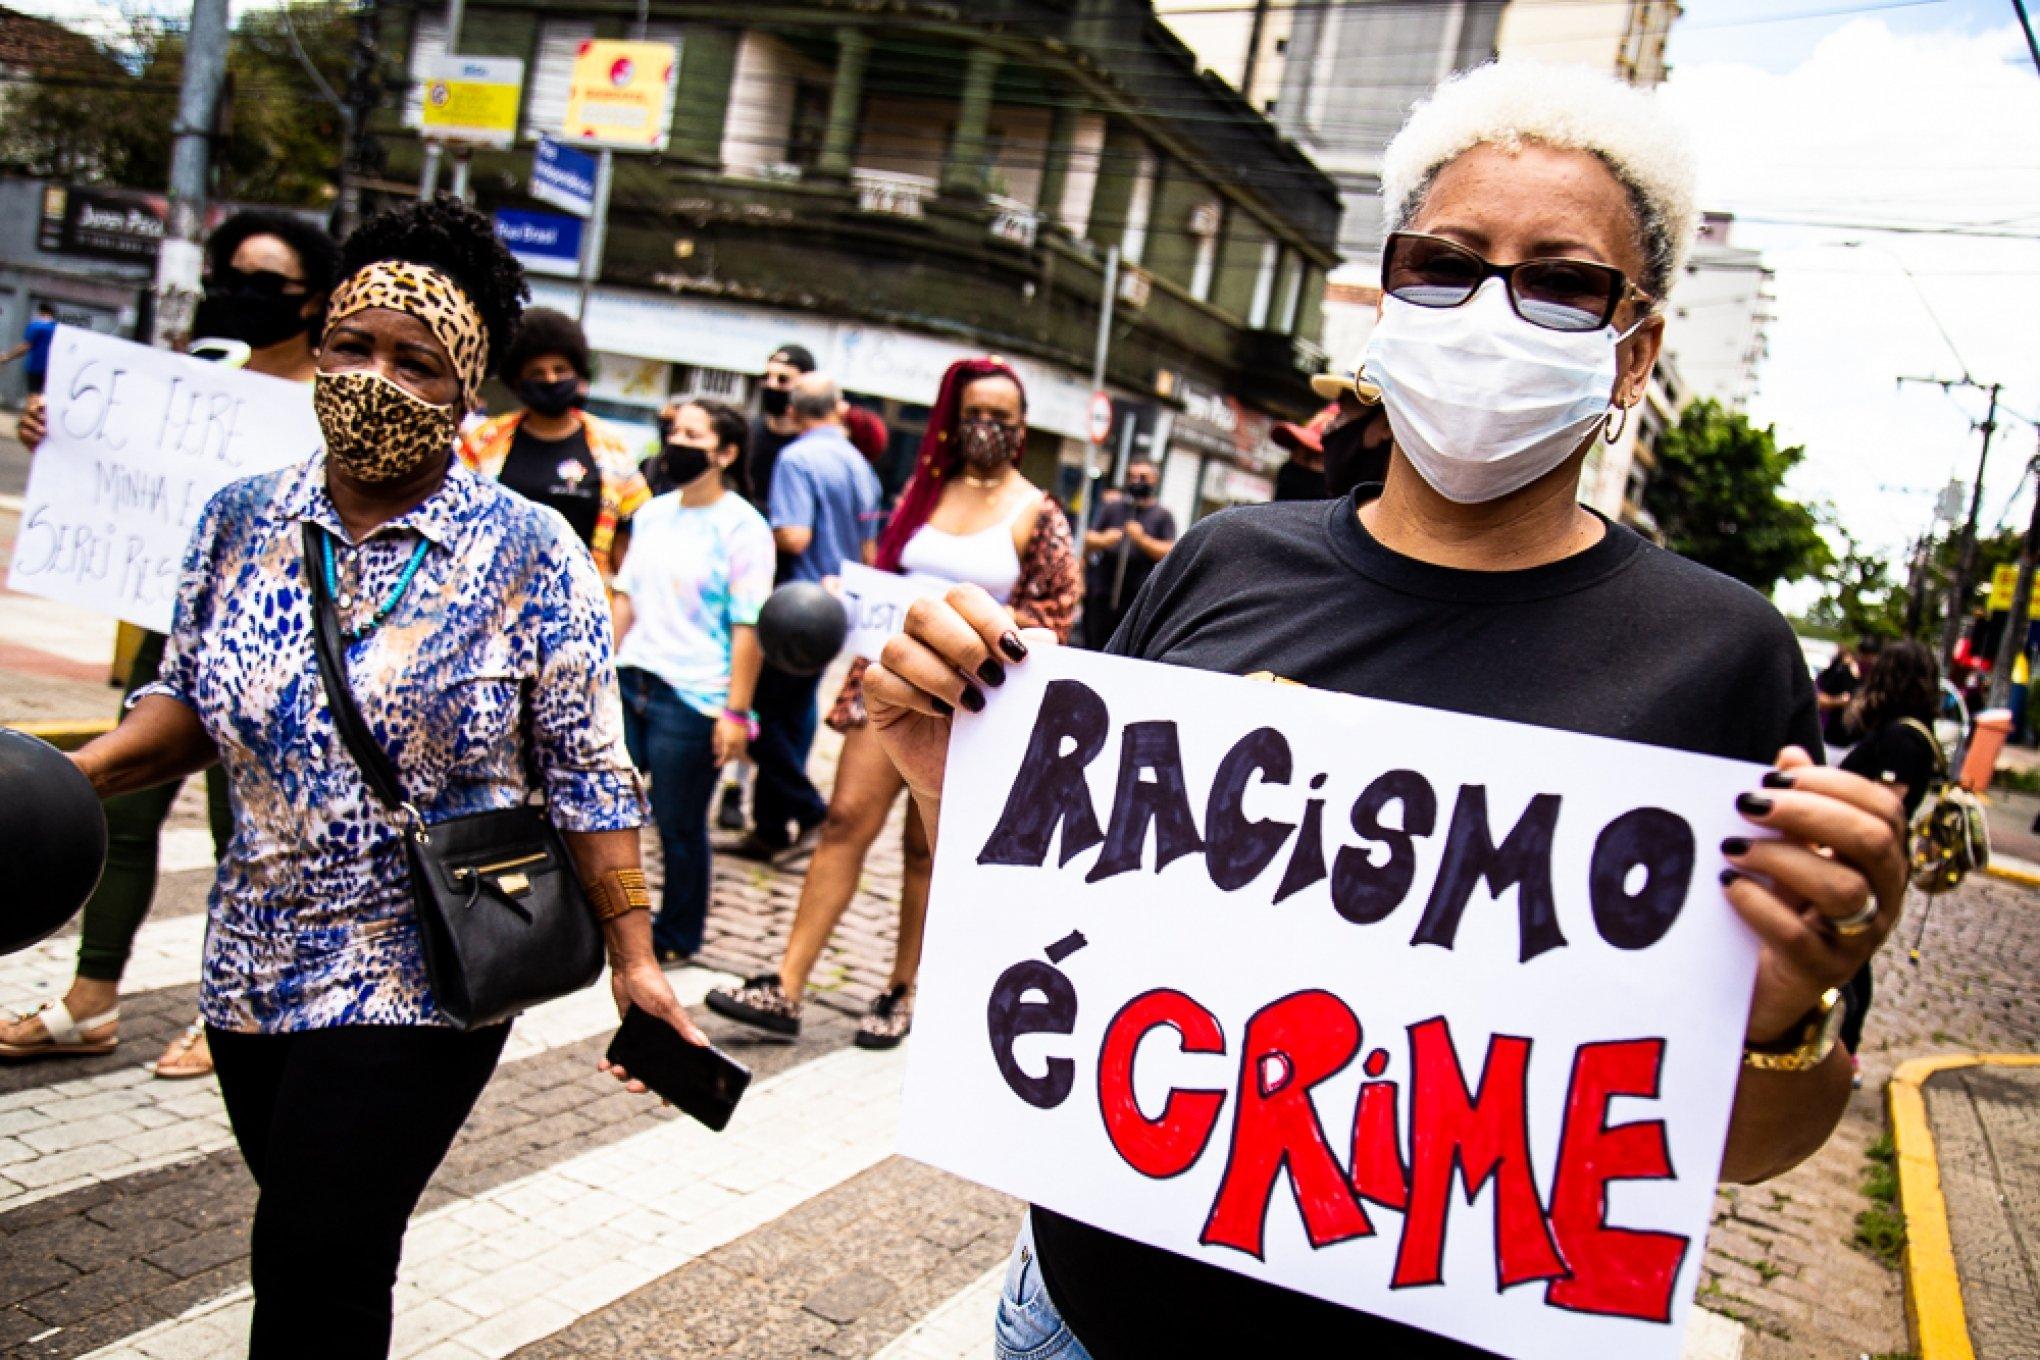 3 maneiras de como e onde denunciar racismo em São Paulo